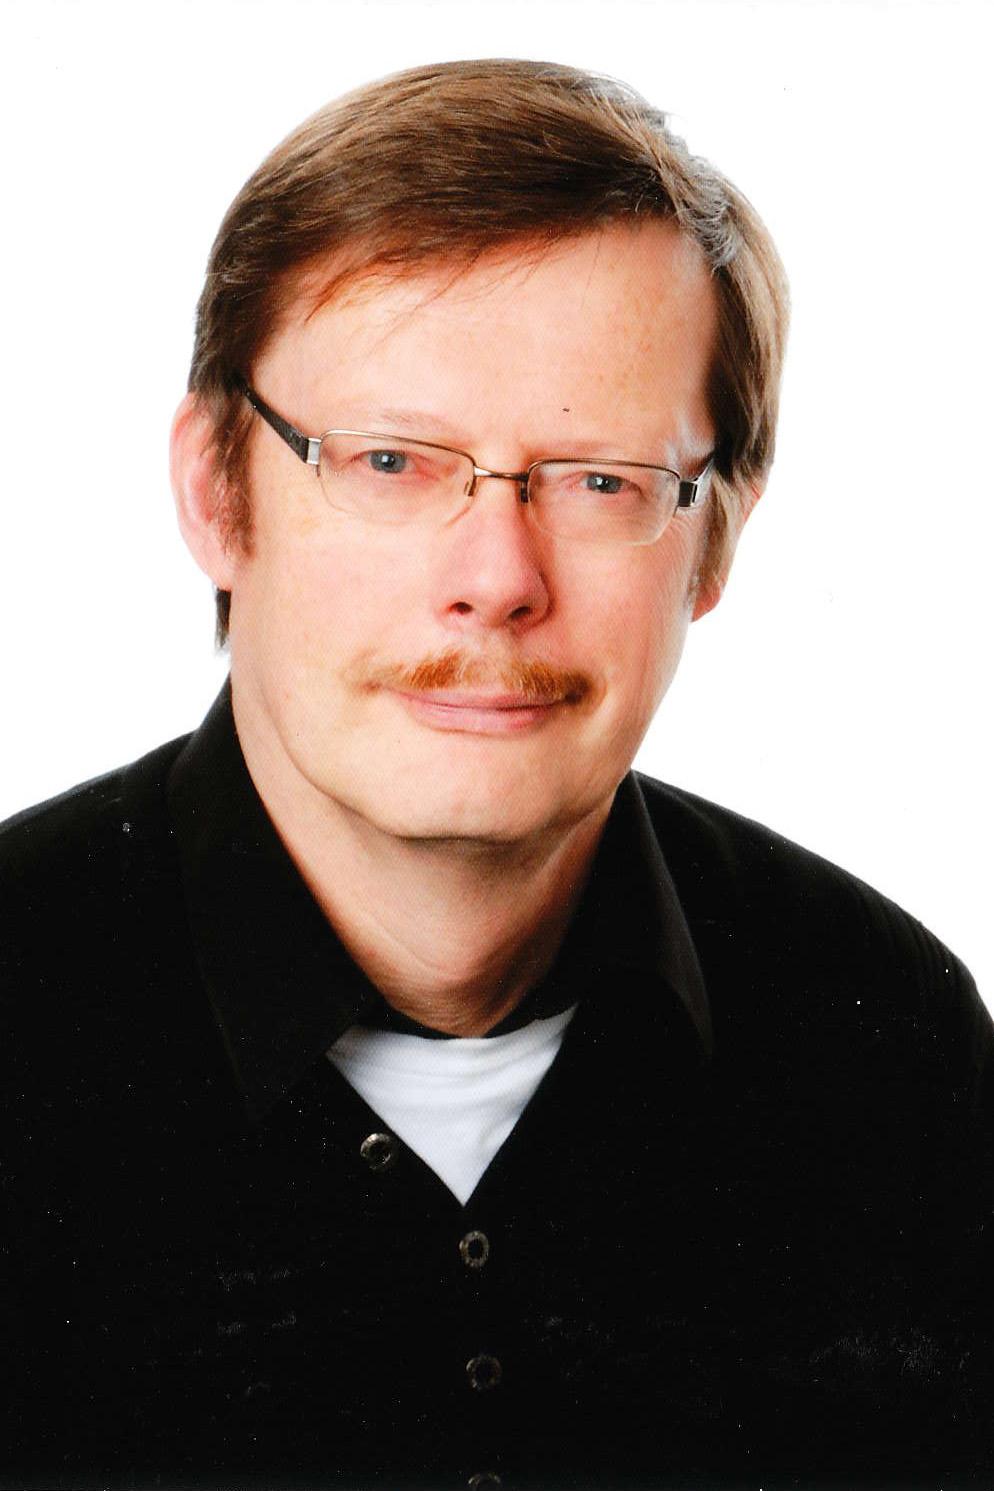 Pfarrer Dr. Volker Wappmann